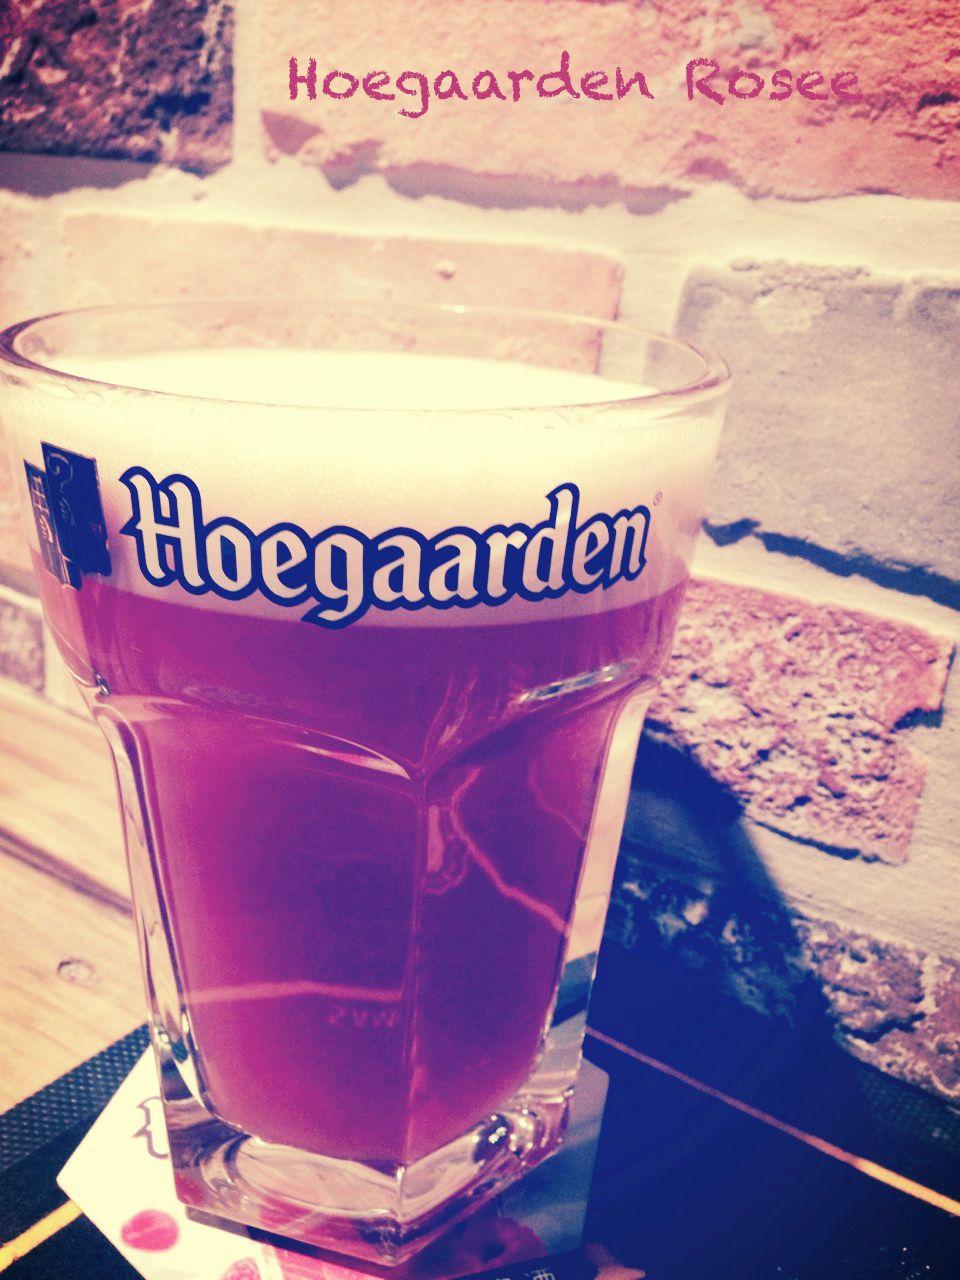 Hoegaarden Rosee, iBeer, 14/09/28 Hoegaarden, Dunkin